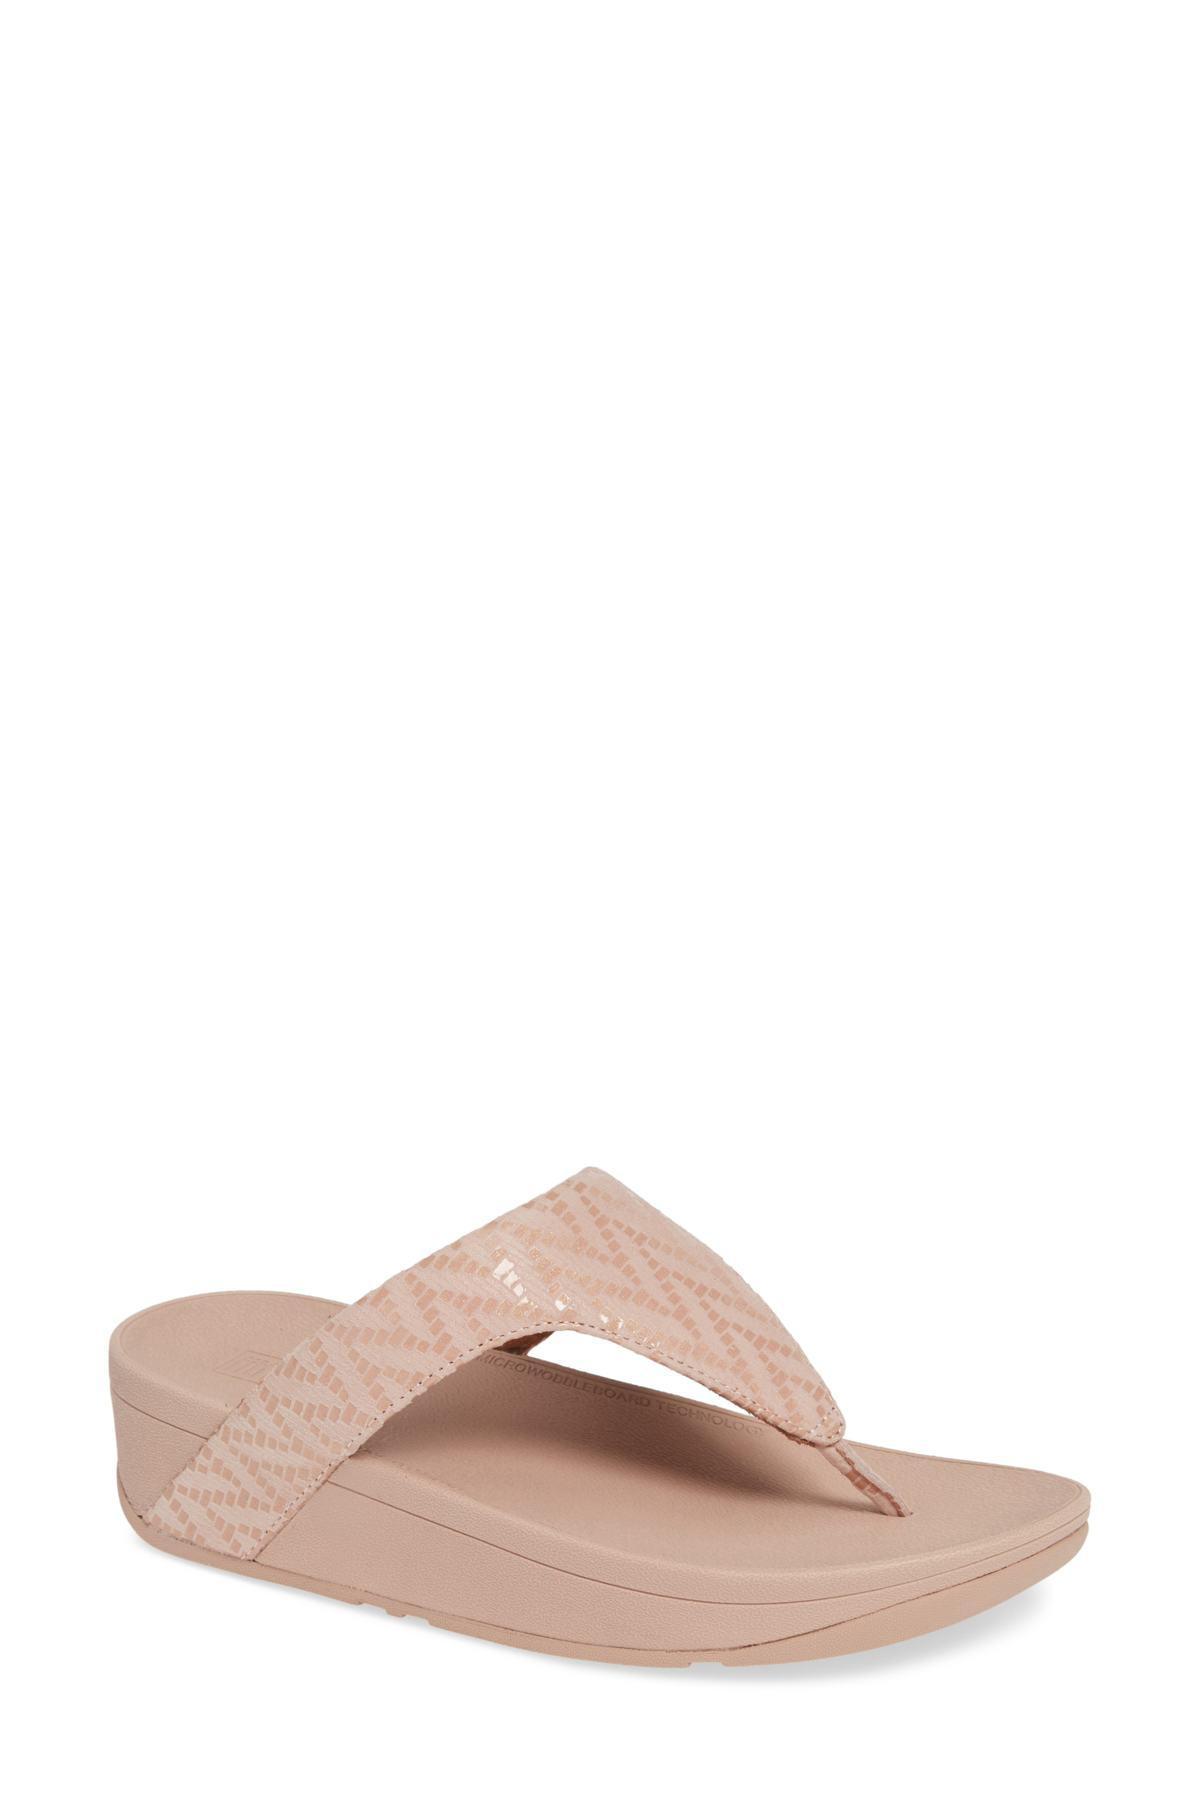 414e365e0 Fitflop. Pink Lottie Chevron Wedge Flip Flop (women).  90  50 From  Nordstrom Rack